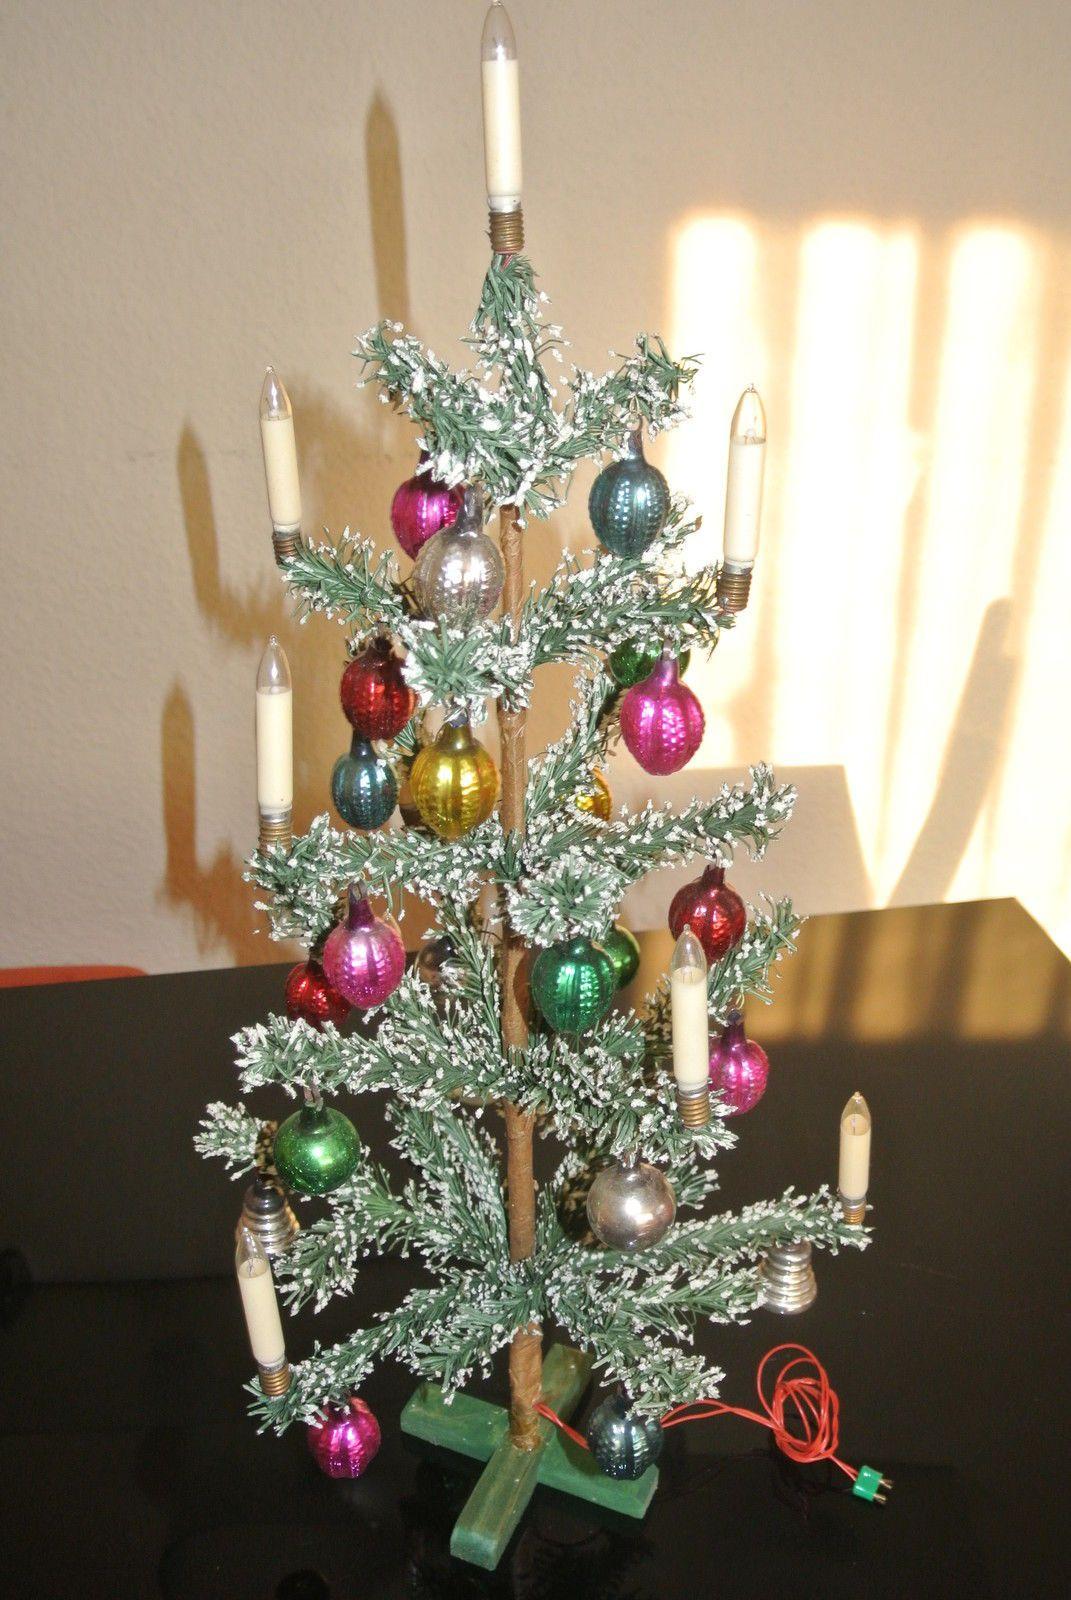 Cool Alter Christbaum Tannenbaum mit Kugeln und Beleuchtung cm in OVP